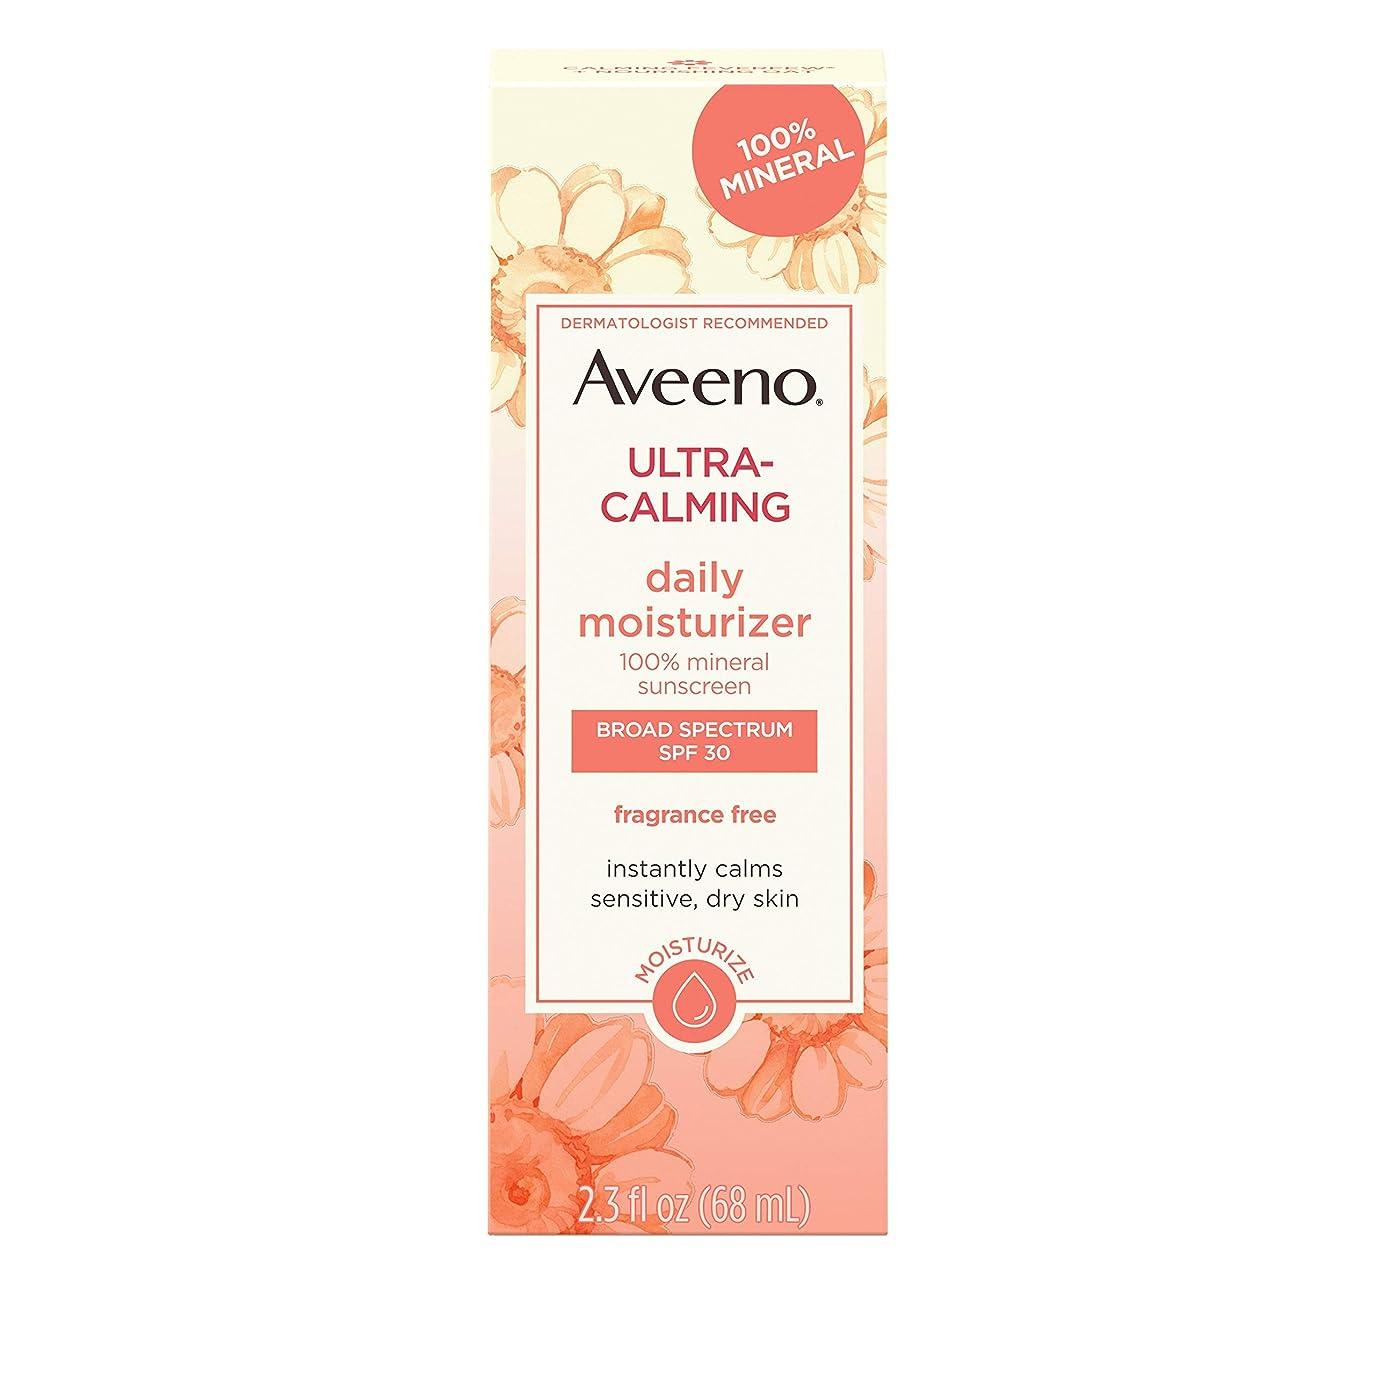 ファーザーファージュ話をする和らげるアビーノ ウルトラカーミング デイリーモイスチャライザー無香料 敏感肌用 SPF30 0.25オンス Aveeno Ultra-Calming Daily Fragrance-Free Moisturizer - Sensitive Skin - SPF 30-2.5 fl oz